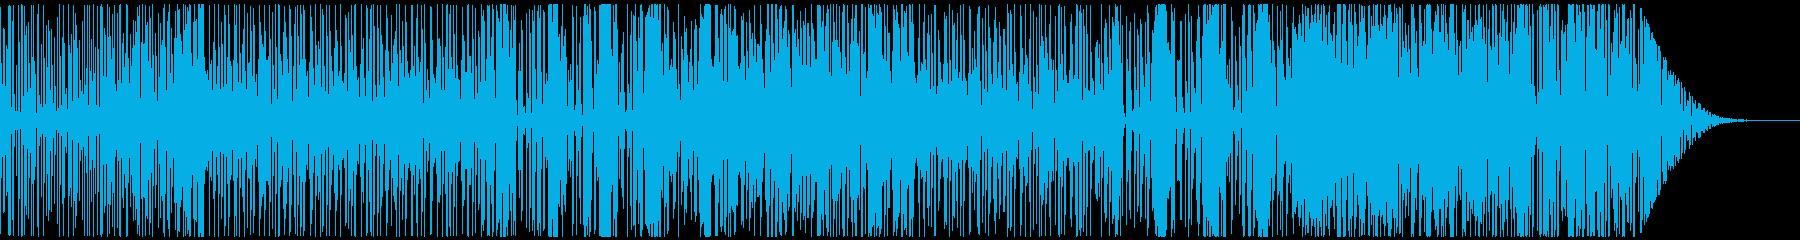 60s風・古くてクールなファンク/ロックの再生済みの波形